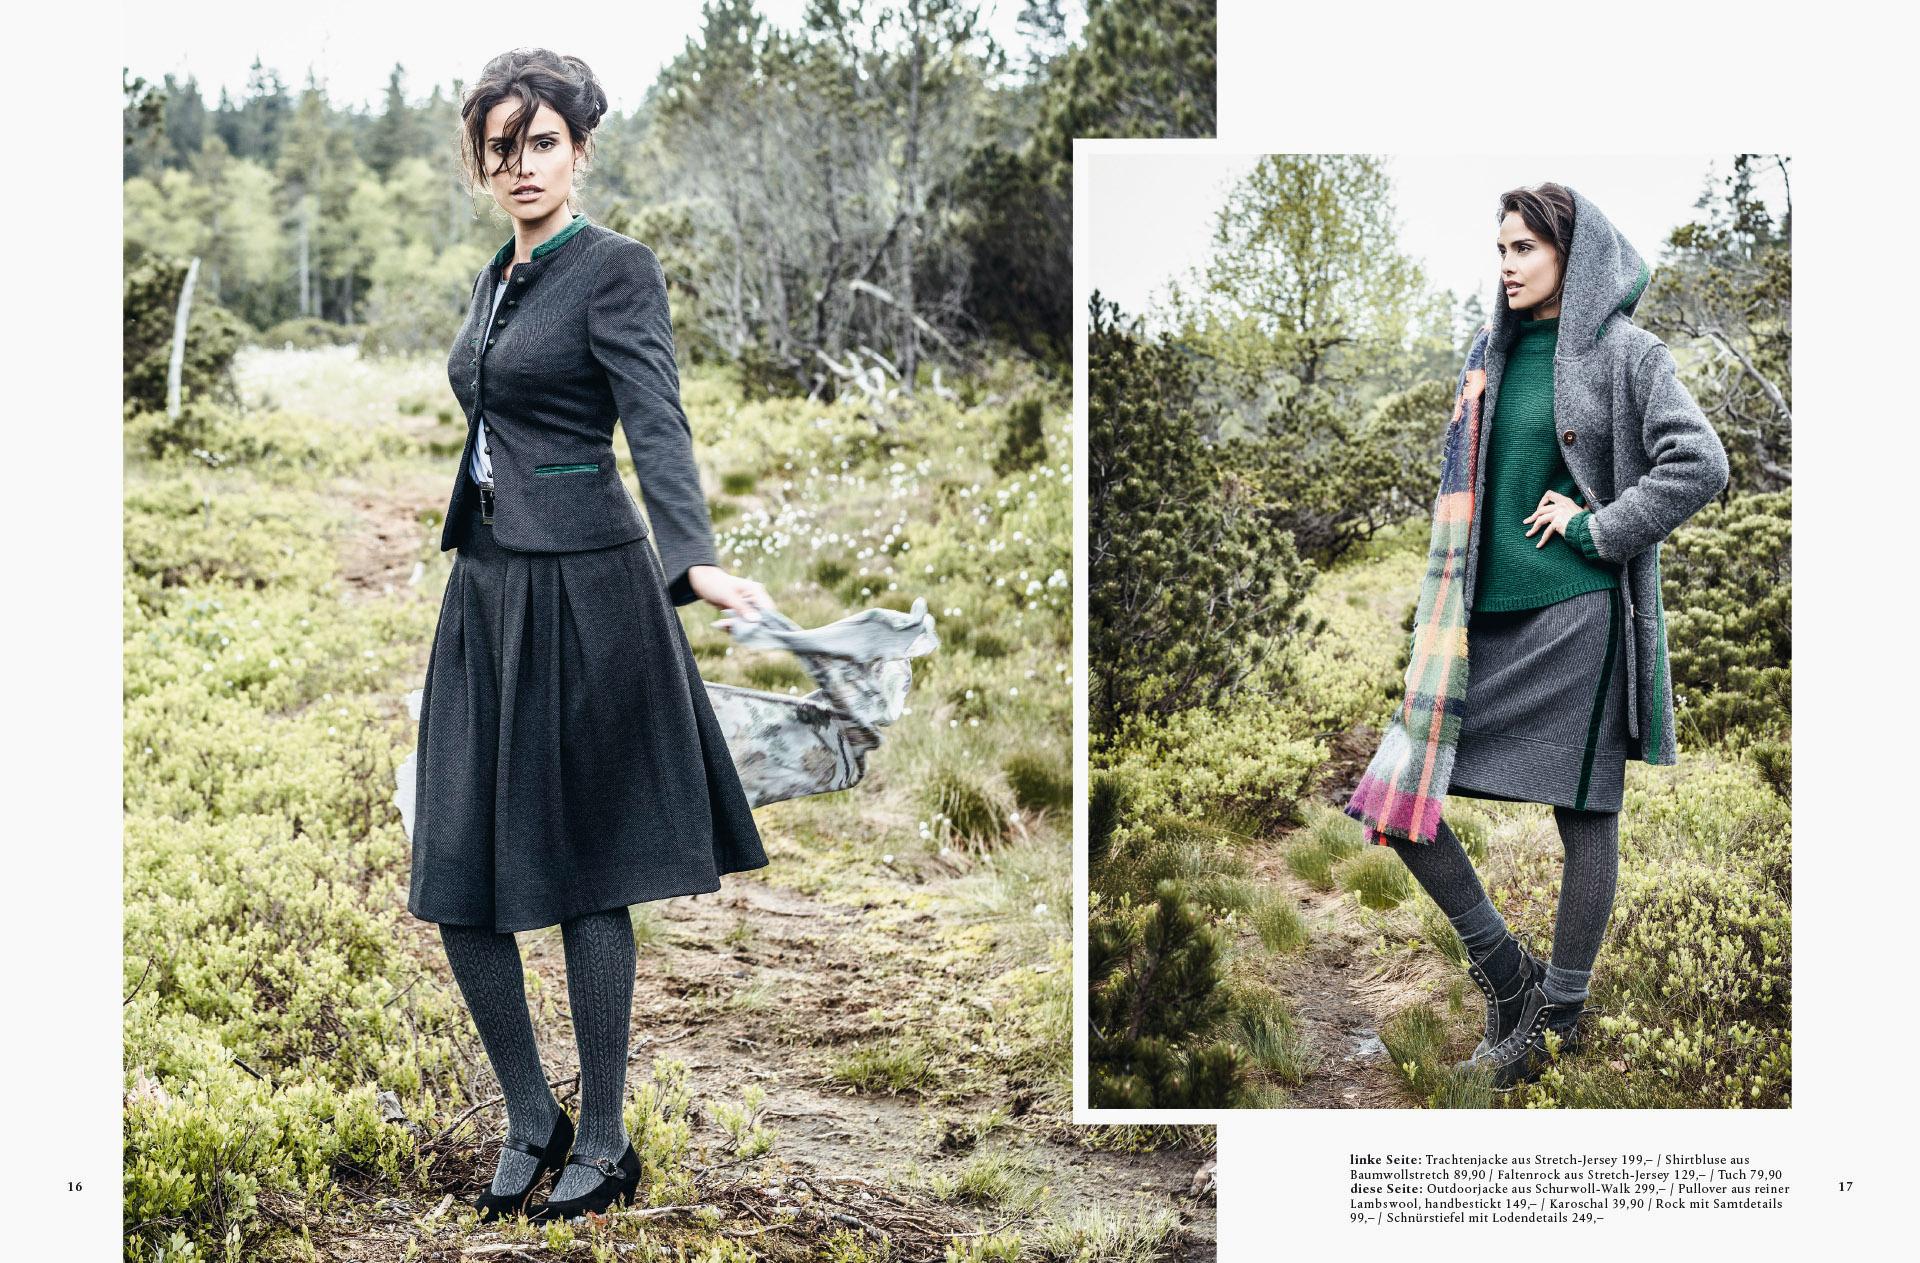 Fotowerk Modefotografie - winterliche Outfits für die Dame